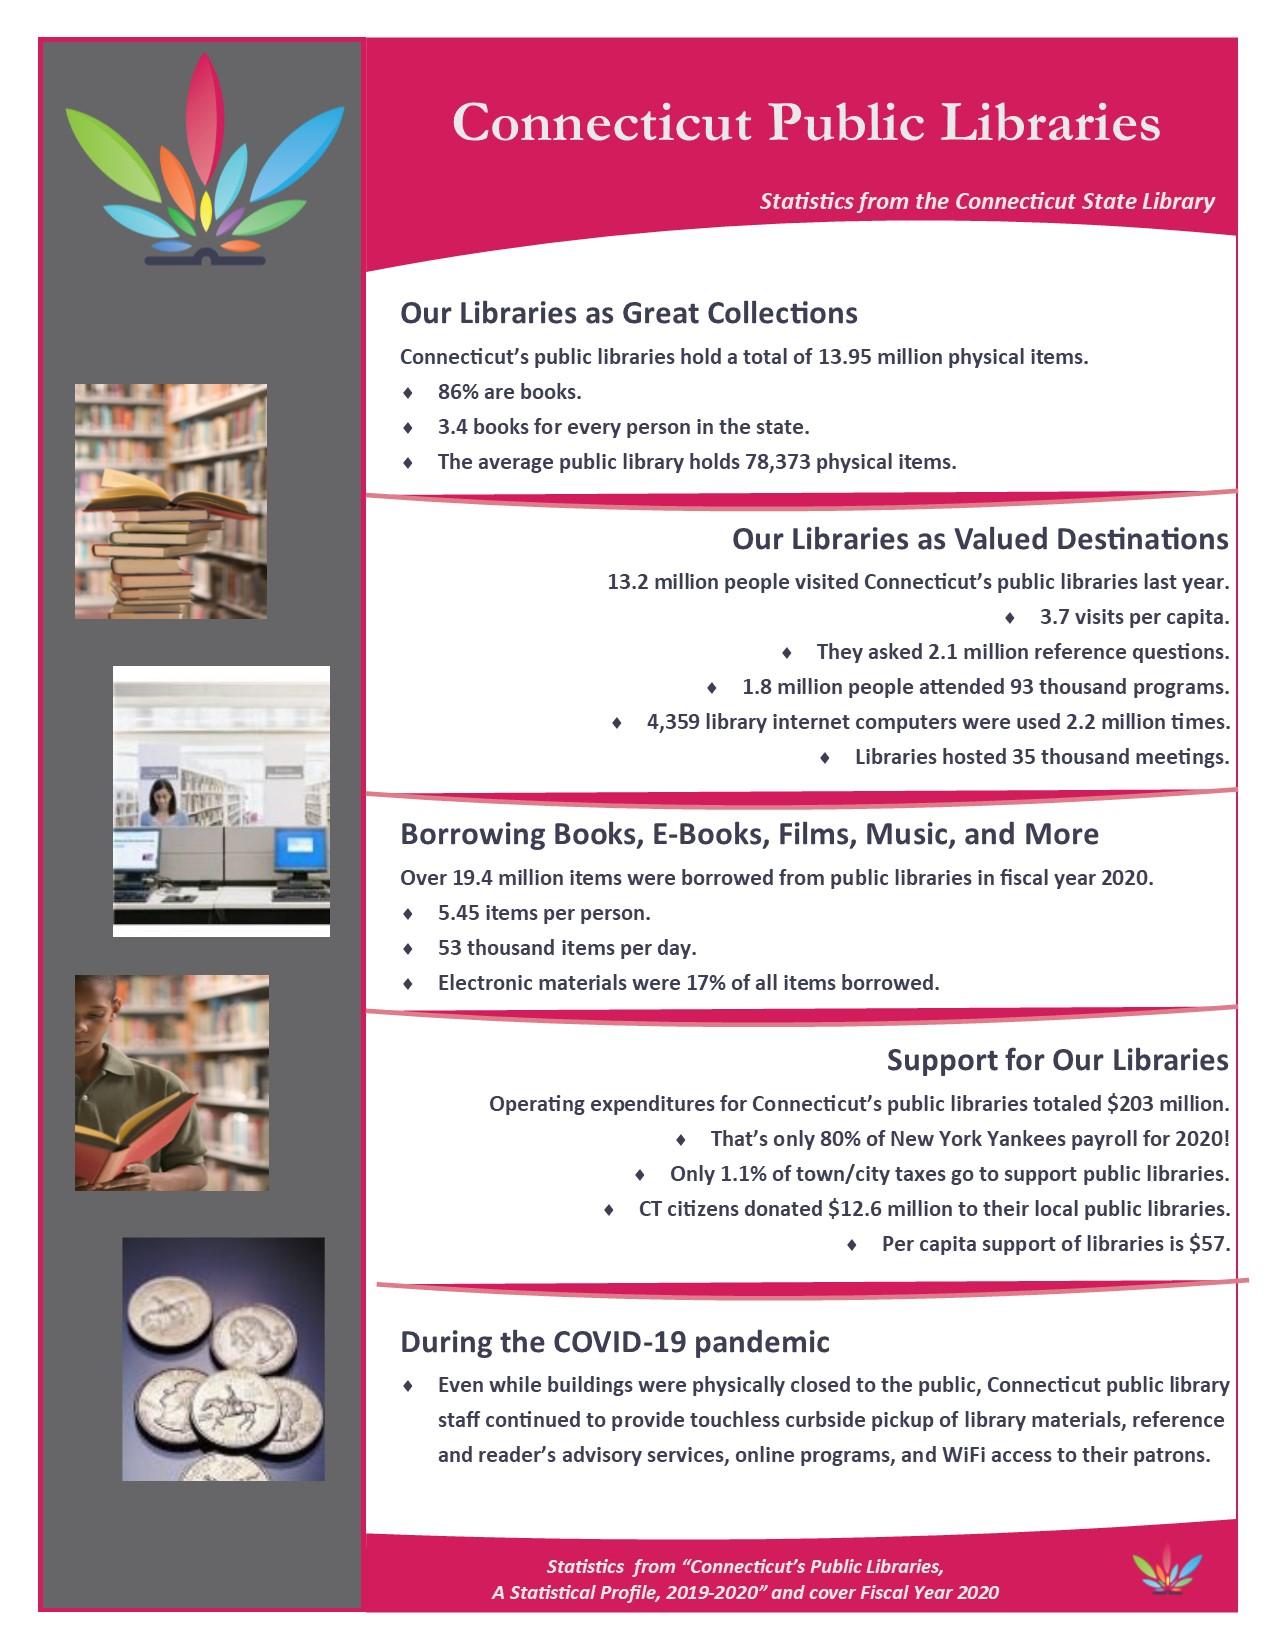 Connecticut Public Libraries Flyer